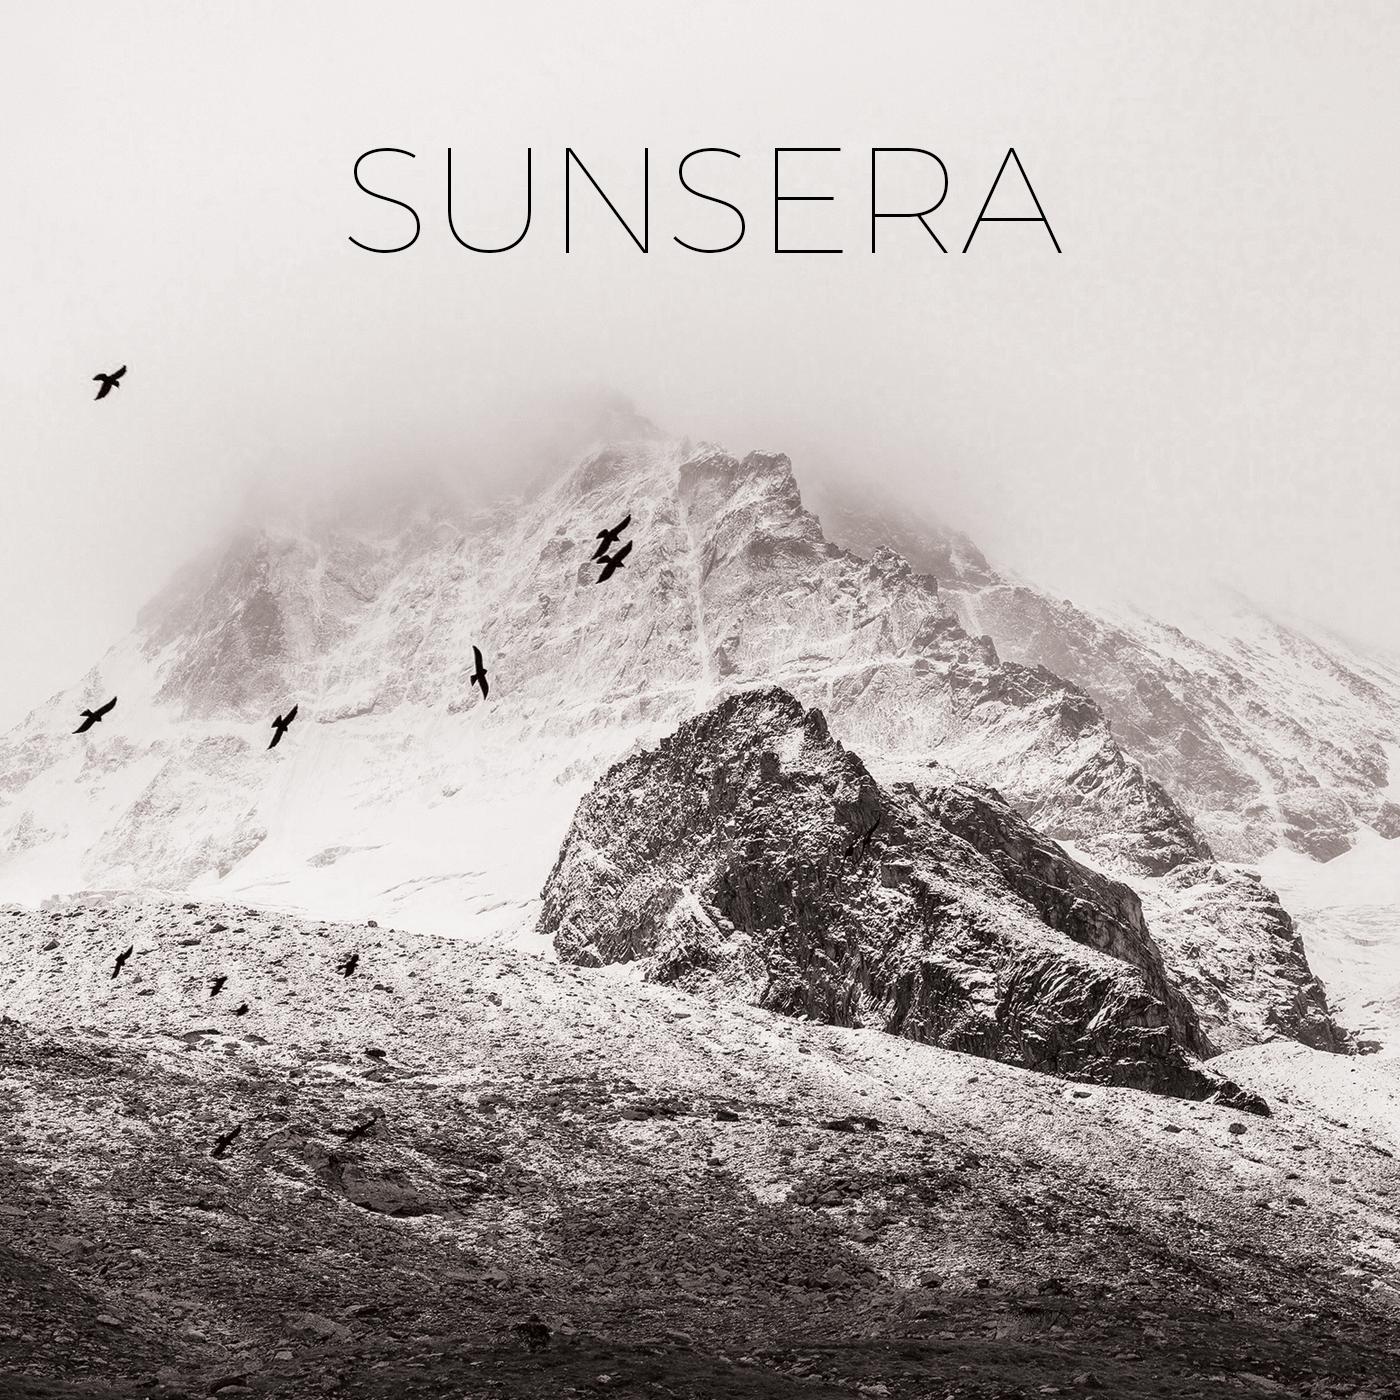 Sunsera – Sunsera